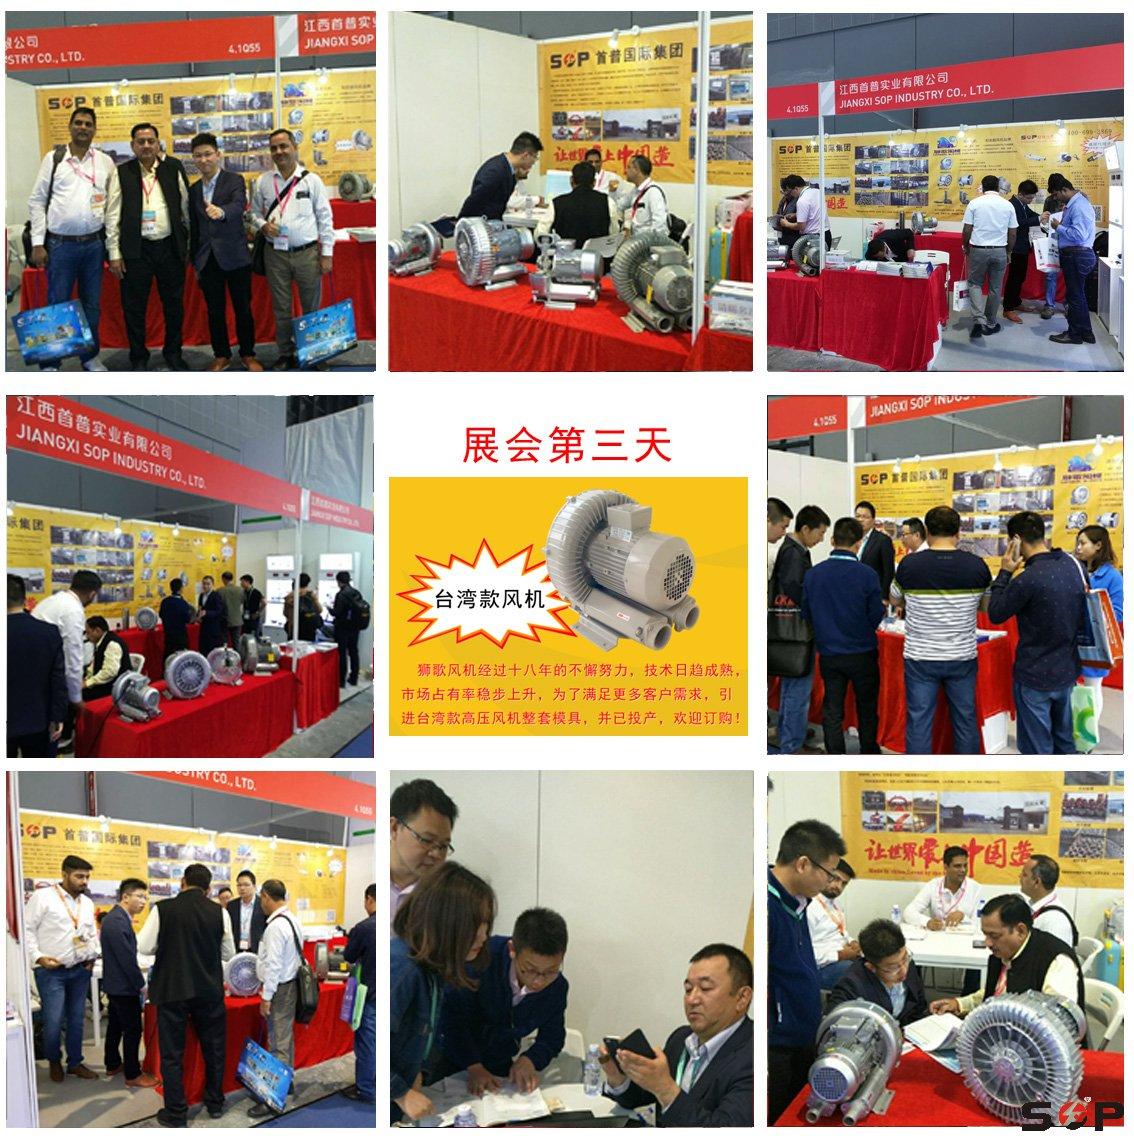 上海国际橡塑展第三天